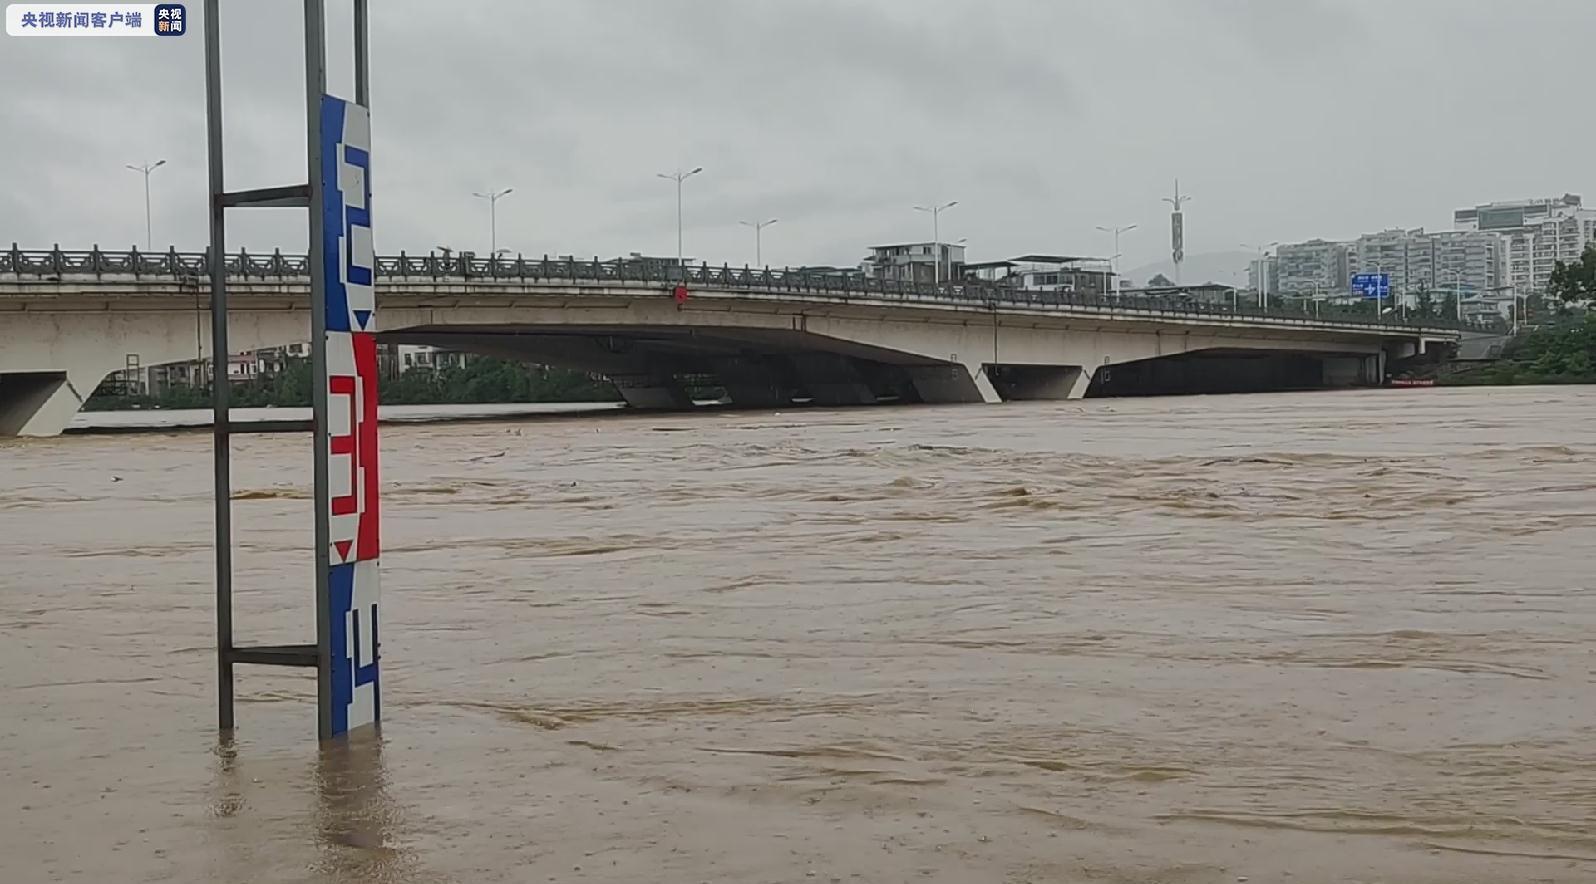 从6月8日开始,漓江上游再次普降大到暴雨,局部大暴雨到特大暴雨,受此影响,广西桂林境内多条河流水位迅速上涨,漓江、桃花江、小榕江等河流再次出现超警戒水位。